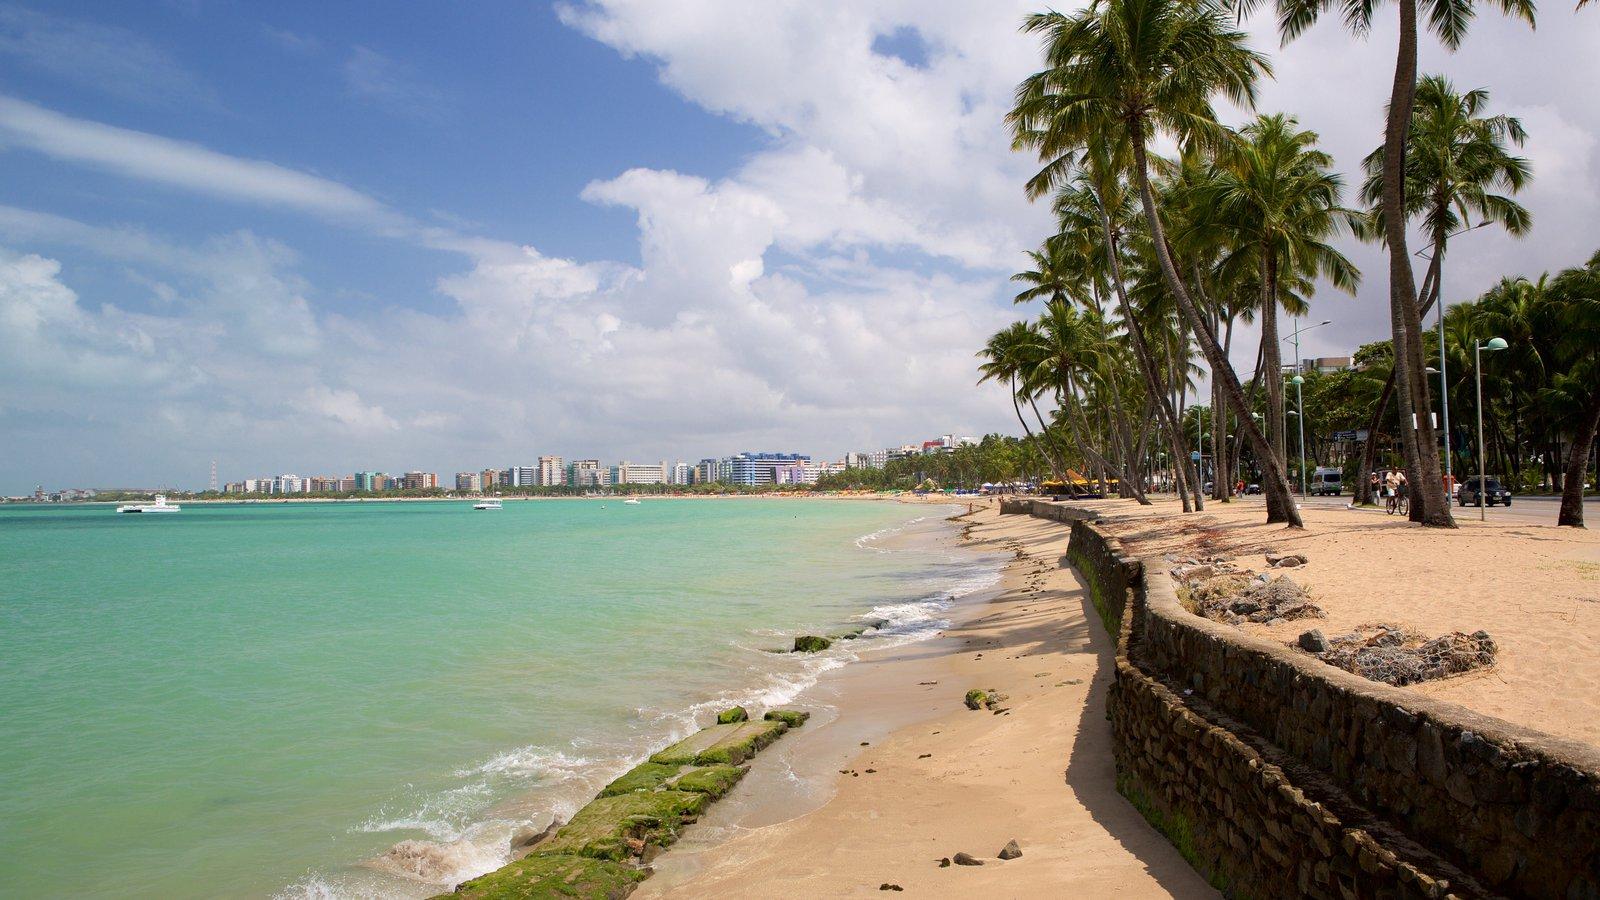 Praia de Ponta Verde caracterizando uma praia, cenas tropicais e paisagens litorâneas